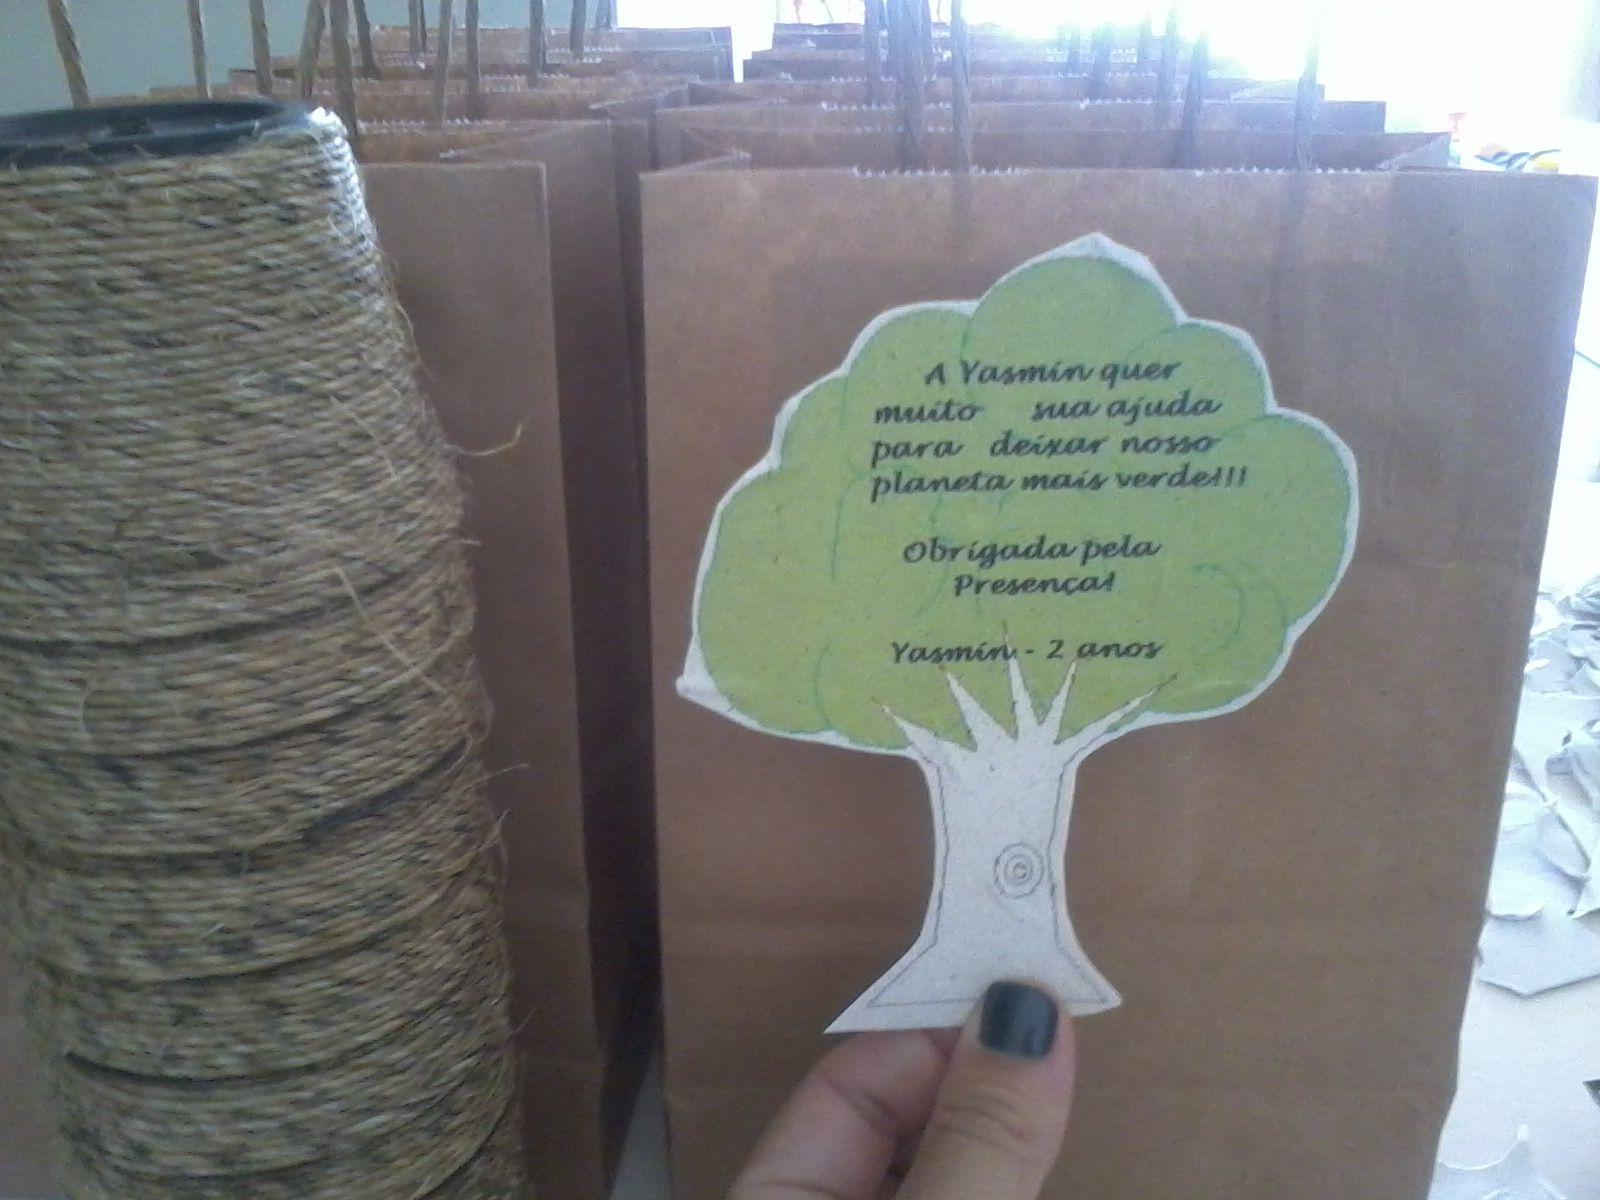 Lembrancinha 'eco'. Utilizando papel semente.